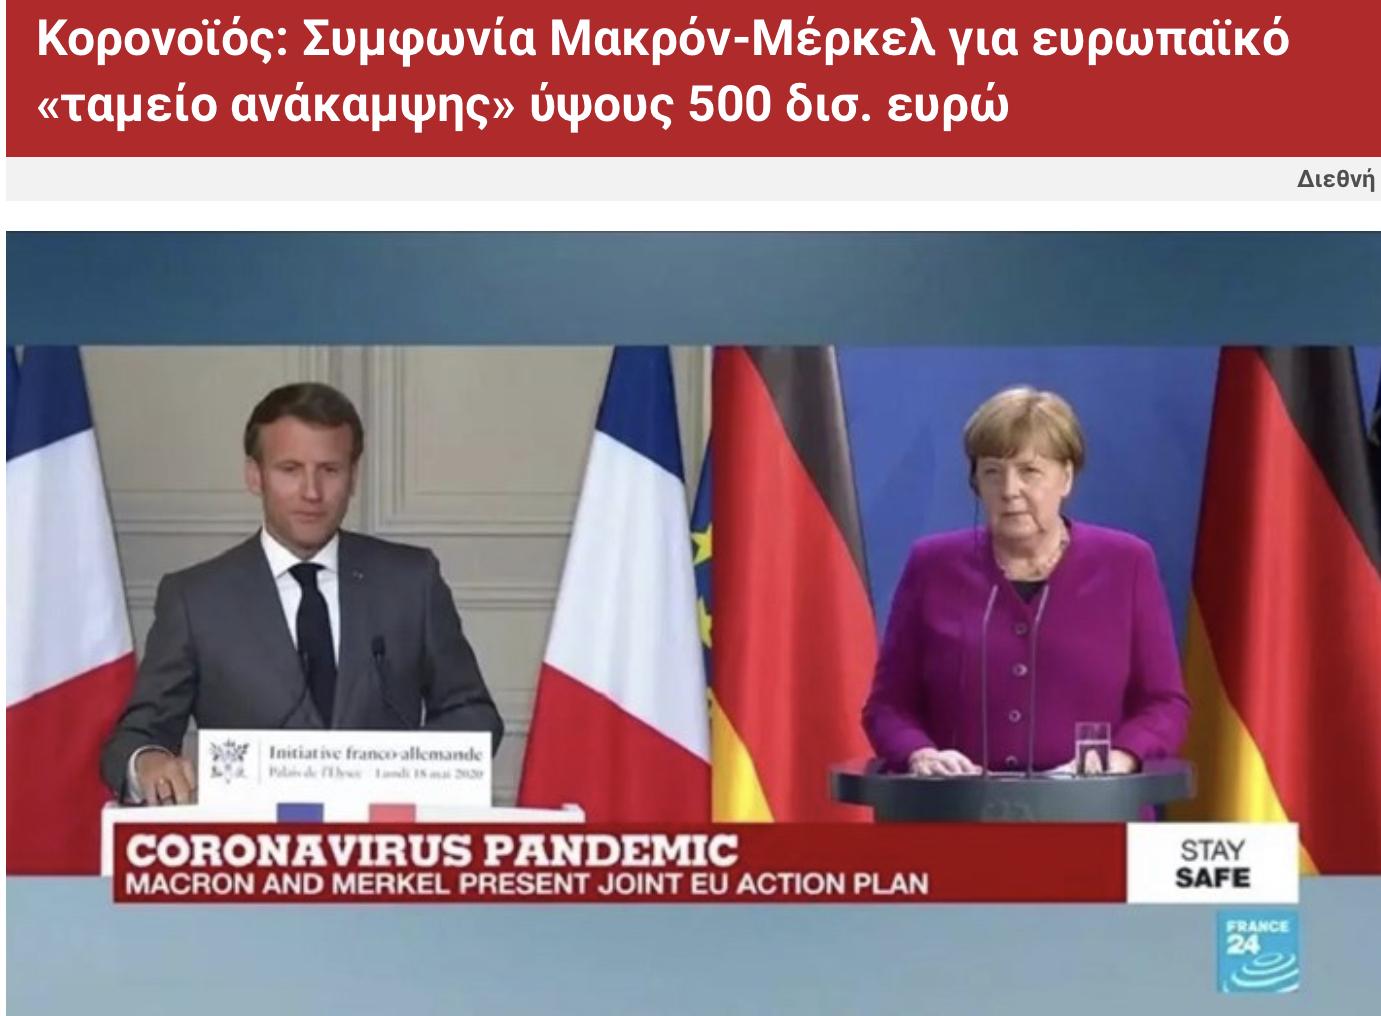 Συμφωνία Μέρκελ μακρόν